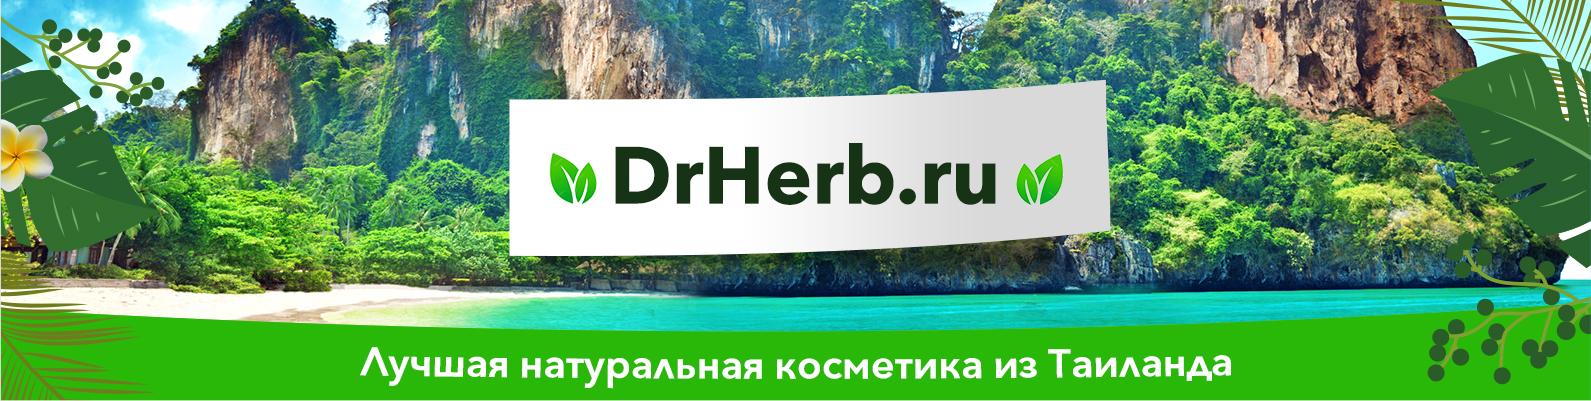 Head_DrHerb.jpg